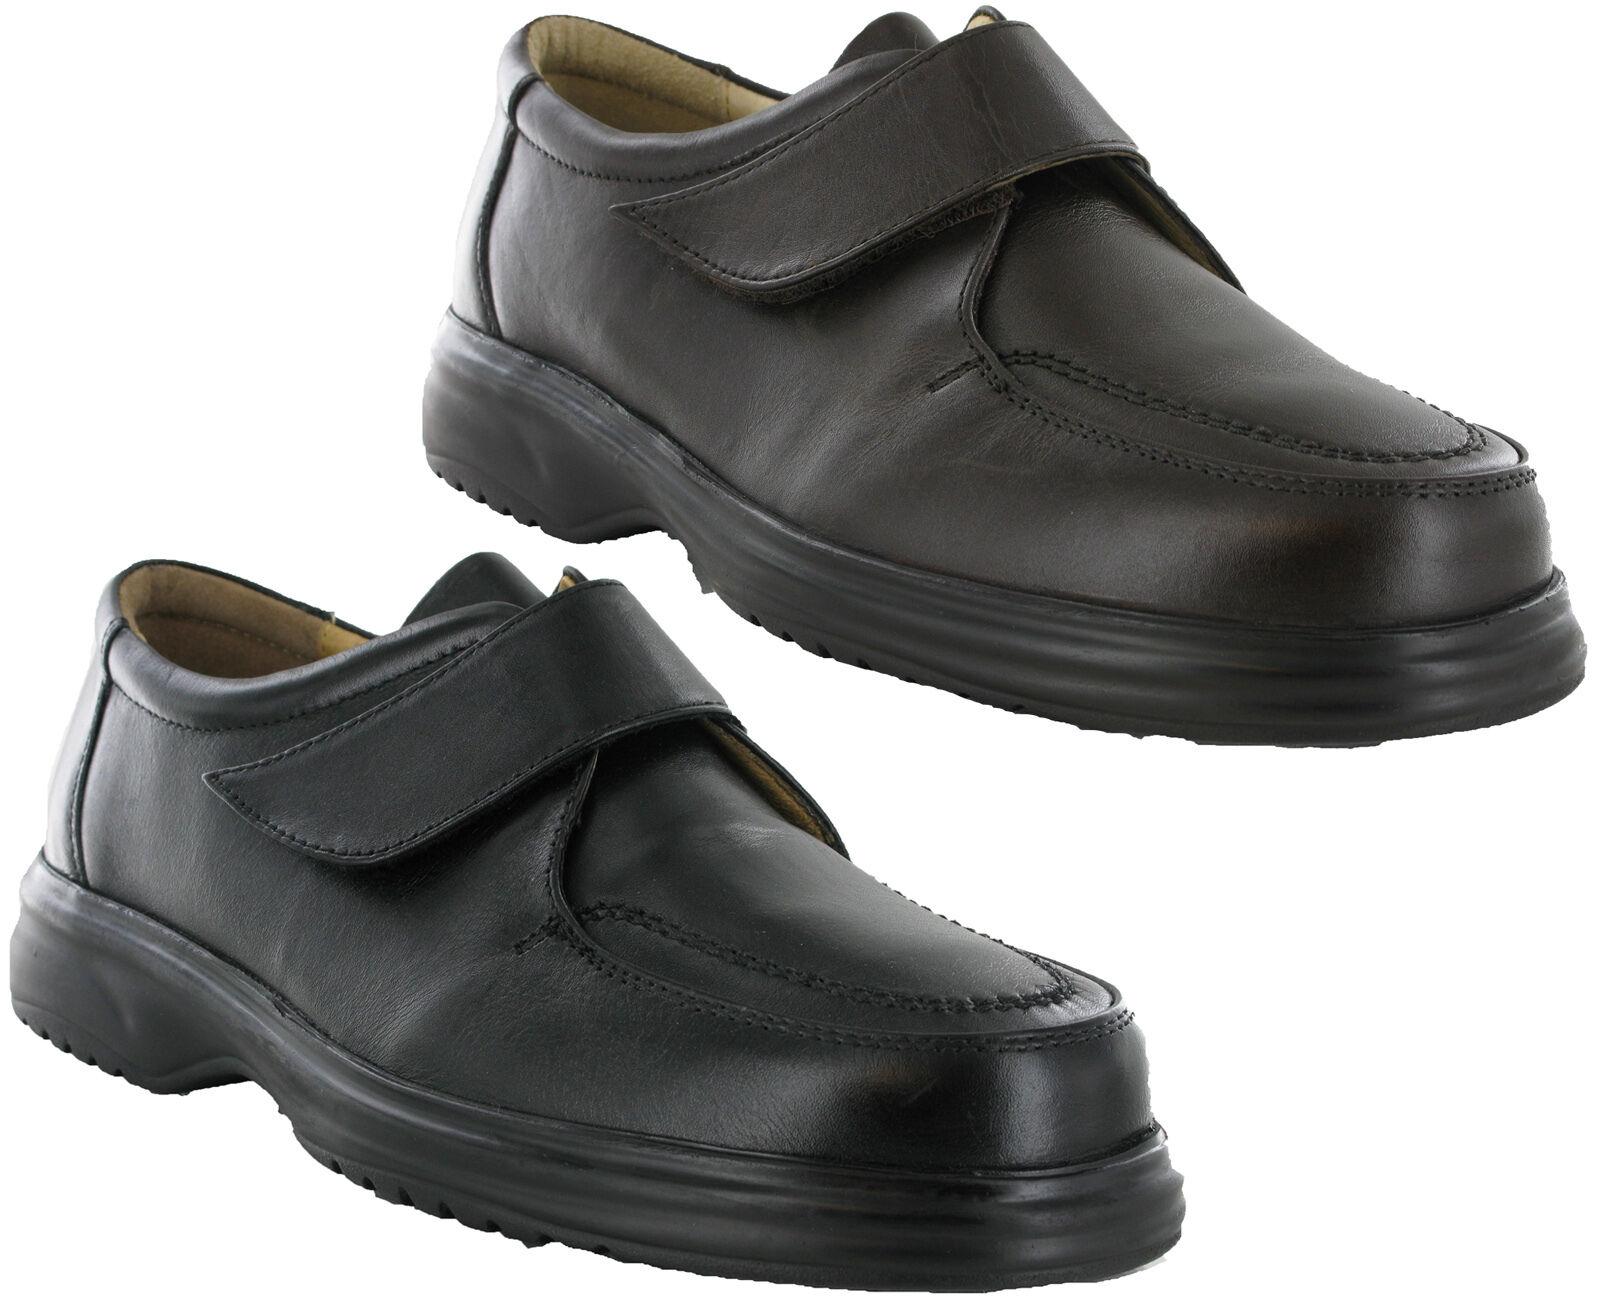 Roamers E Convient Cuir Léger Généreux pour Comfort Doublé Doublé Comfort Chaussures Homme 4e83cf